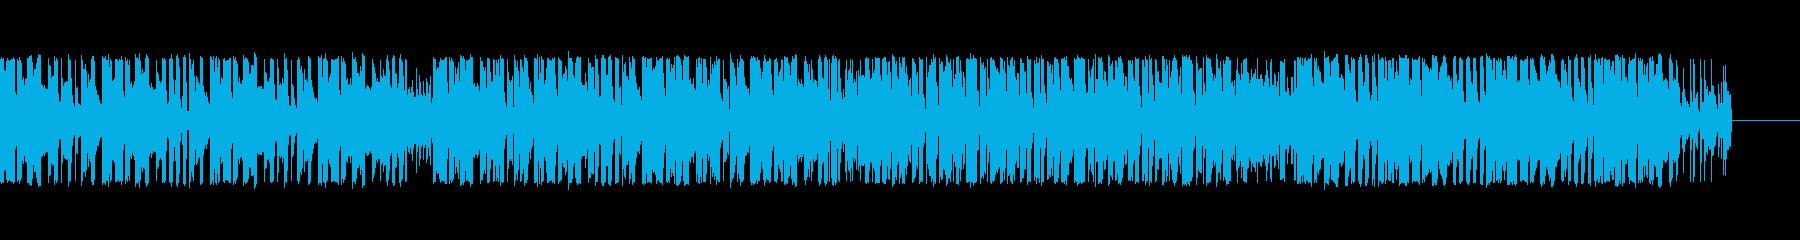 ダブステップ 積極的 焦り ワイル...の再生済みの波形